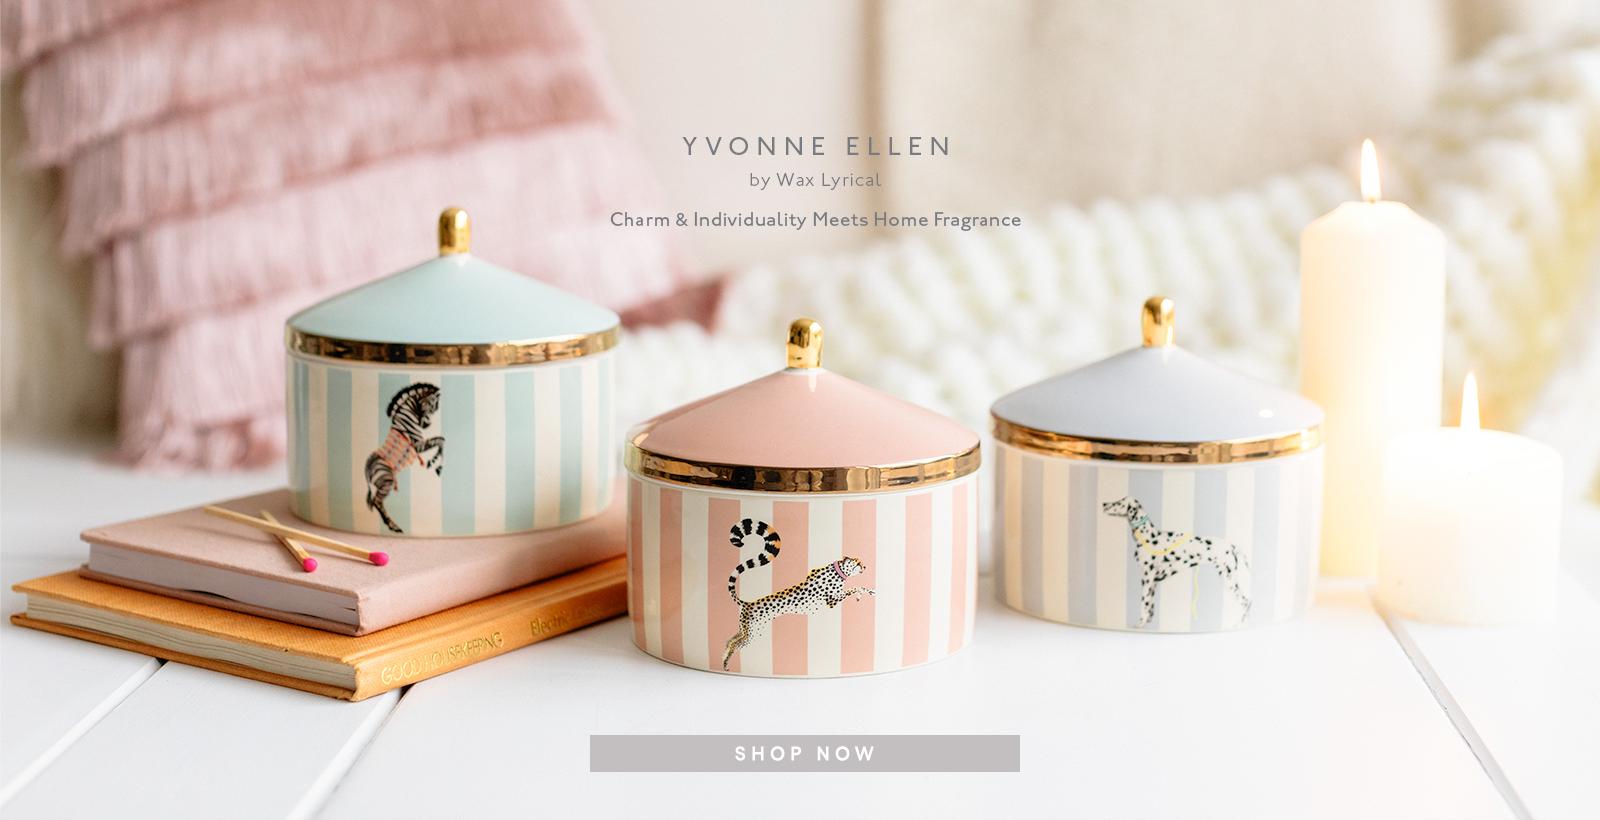 Shop the Yvonne Ellen Collection